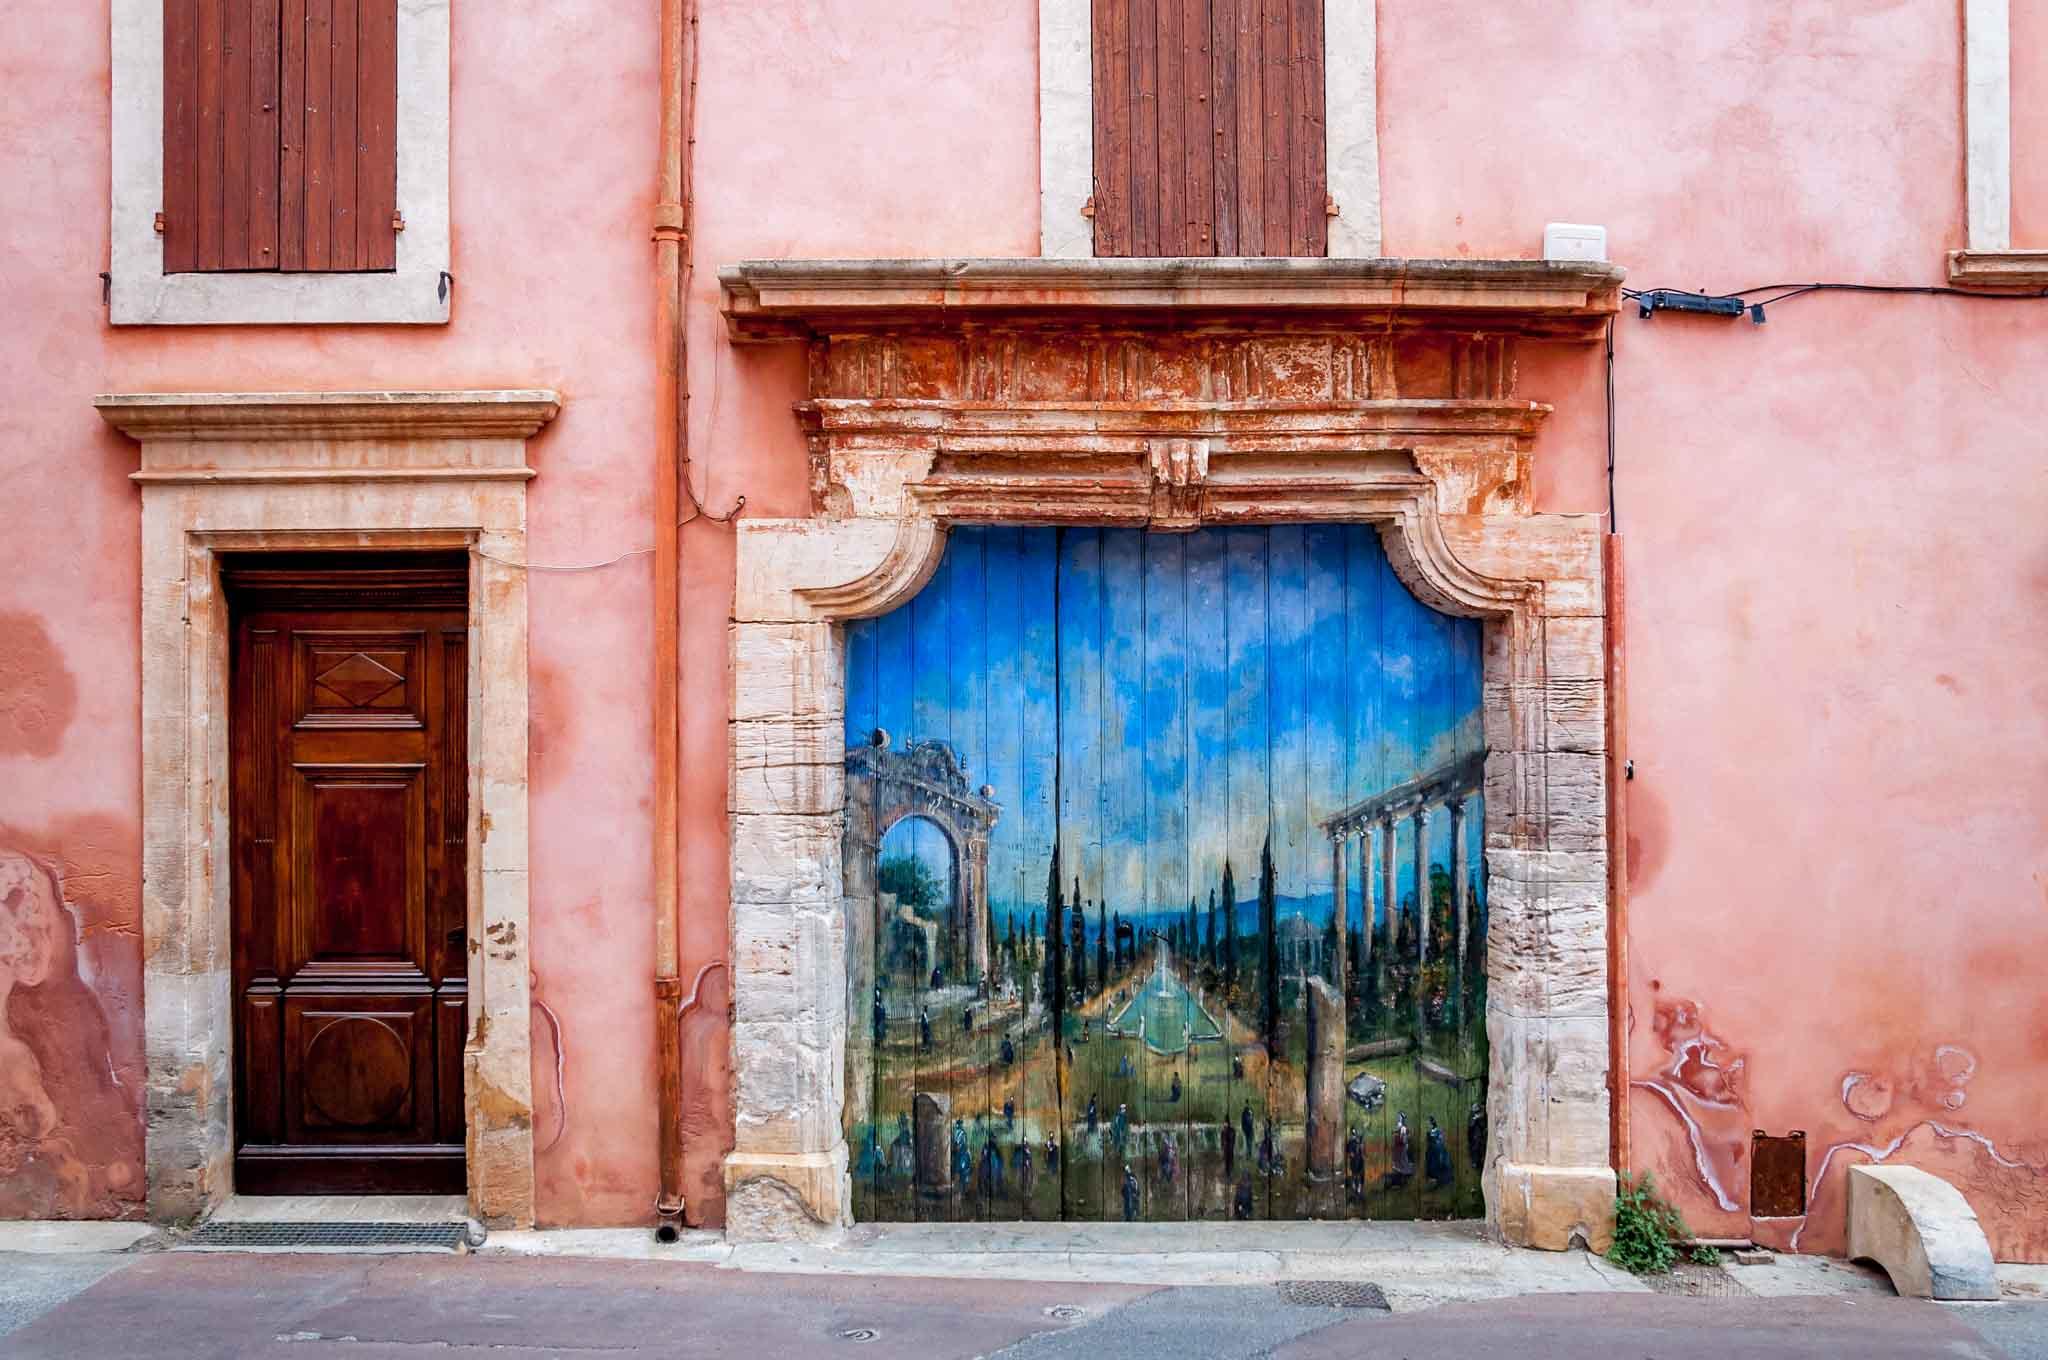 Wooden garage door painted with a scene of Roman ruins